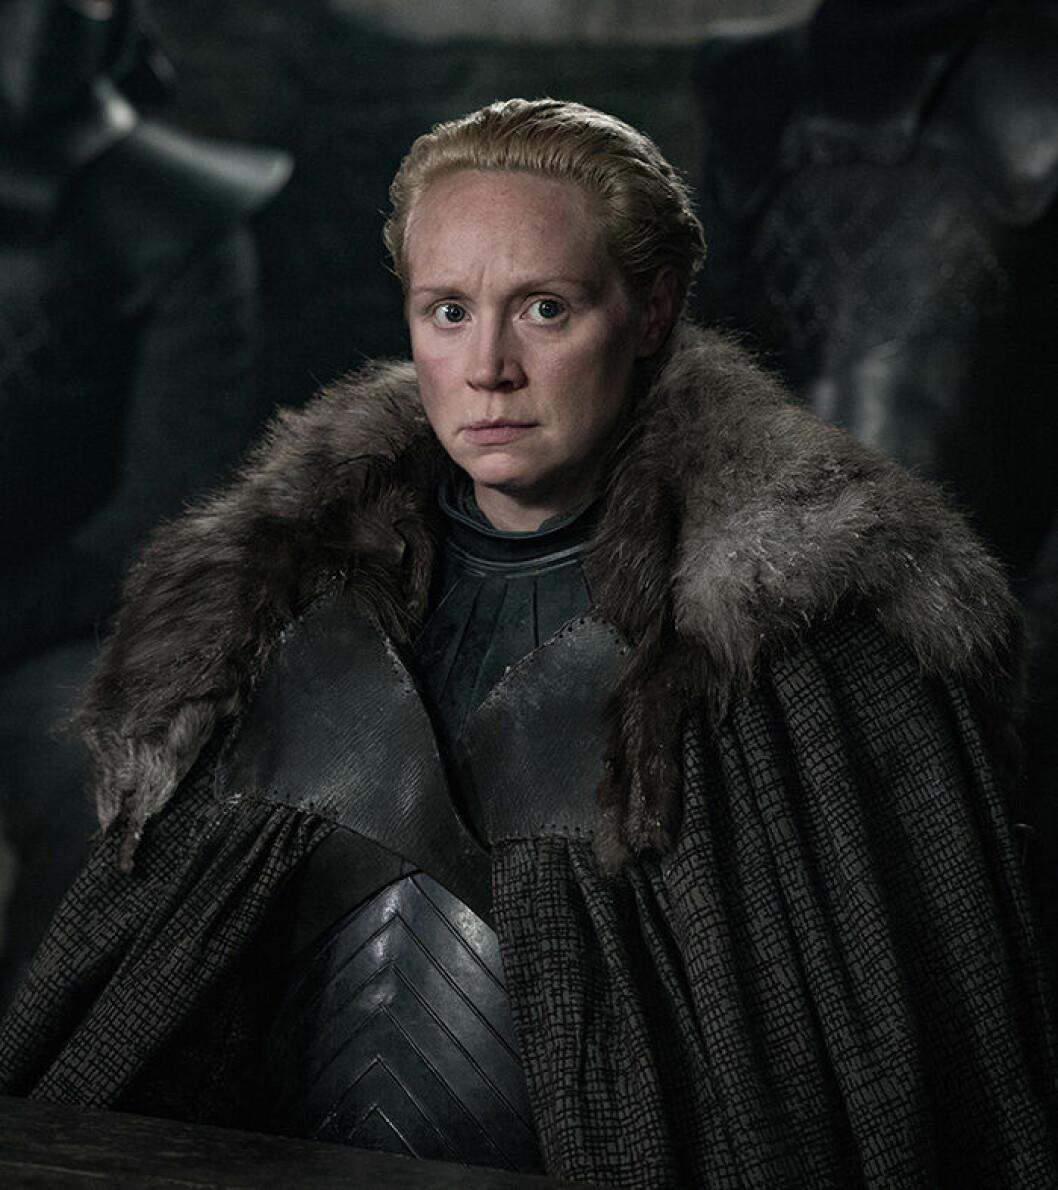 En bild på karaktären Brienne of Tarth från tv-serien Game of Thrones.